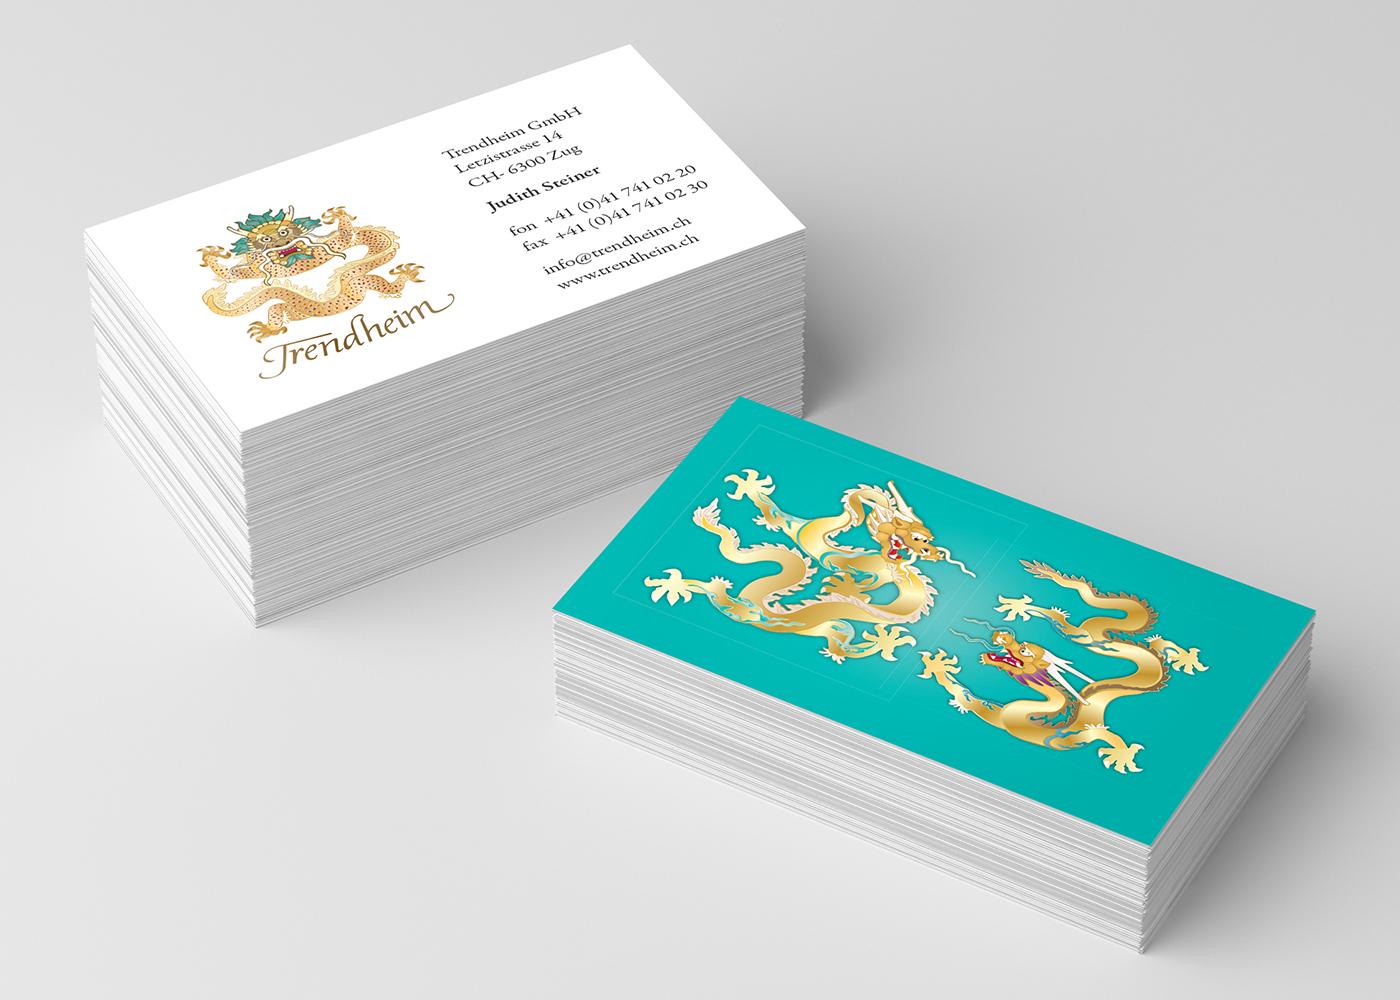 Visitenkarten Druck Design Gestaltung Erstellung Entwurf